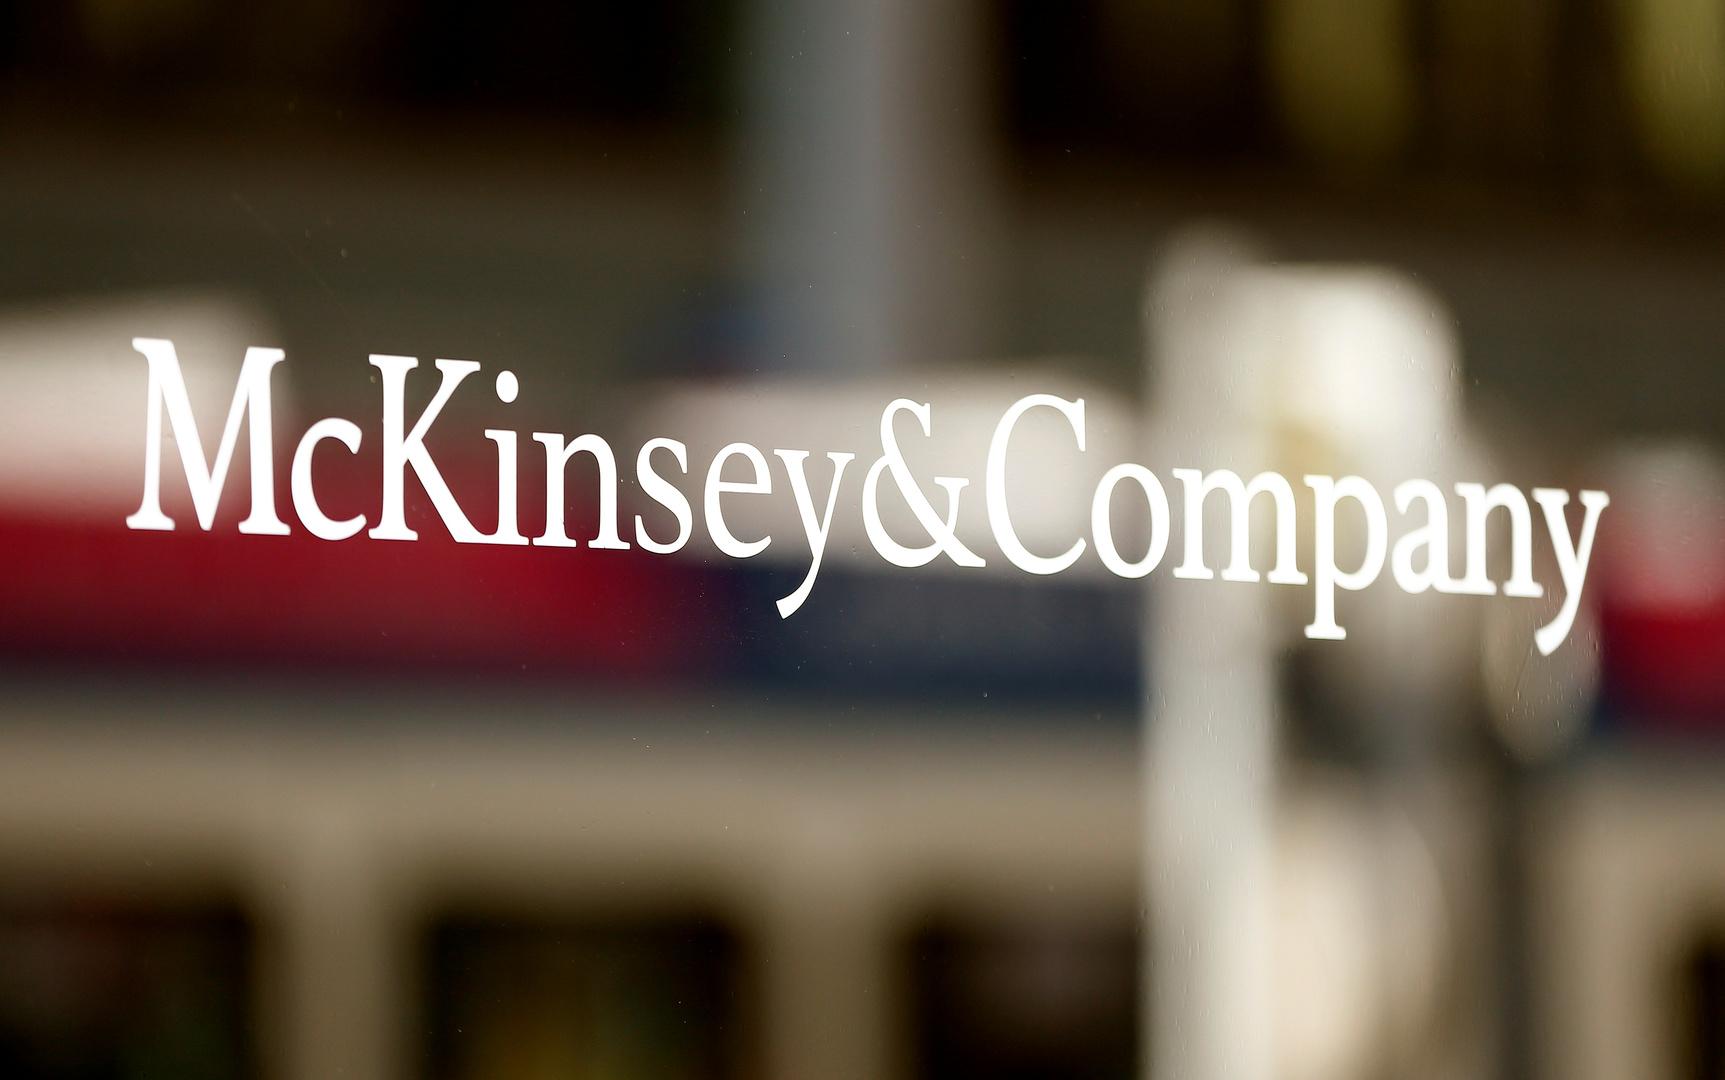 Crise des opiacés : McKinsey paiera 476 millions d'euros pour solder des poursuites judiciaires - RT en français